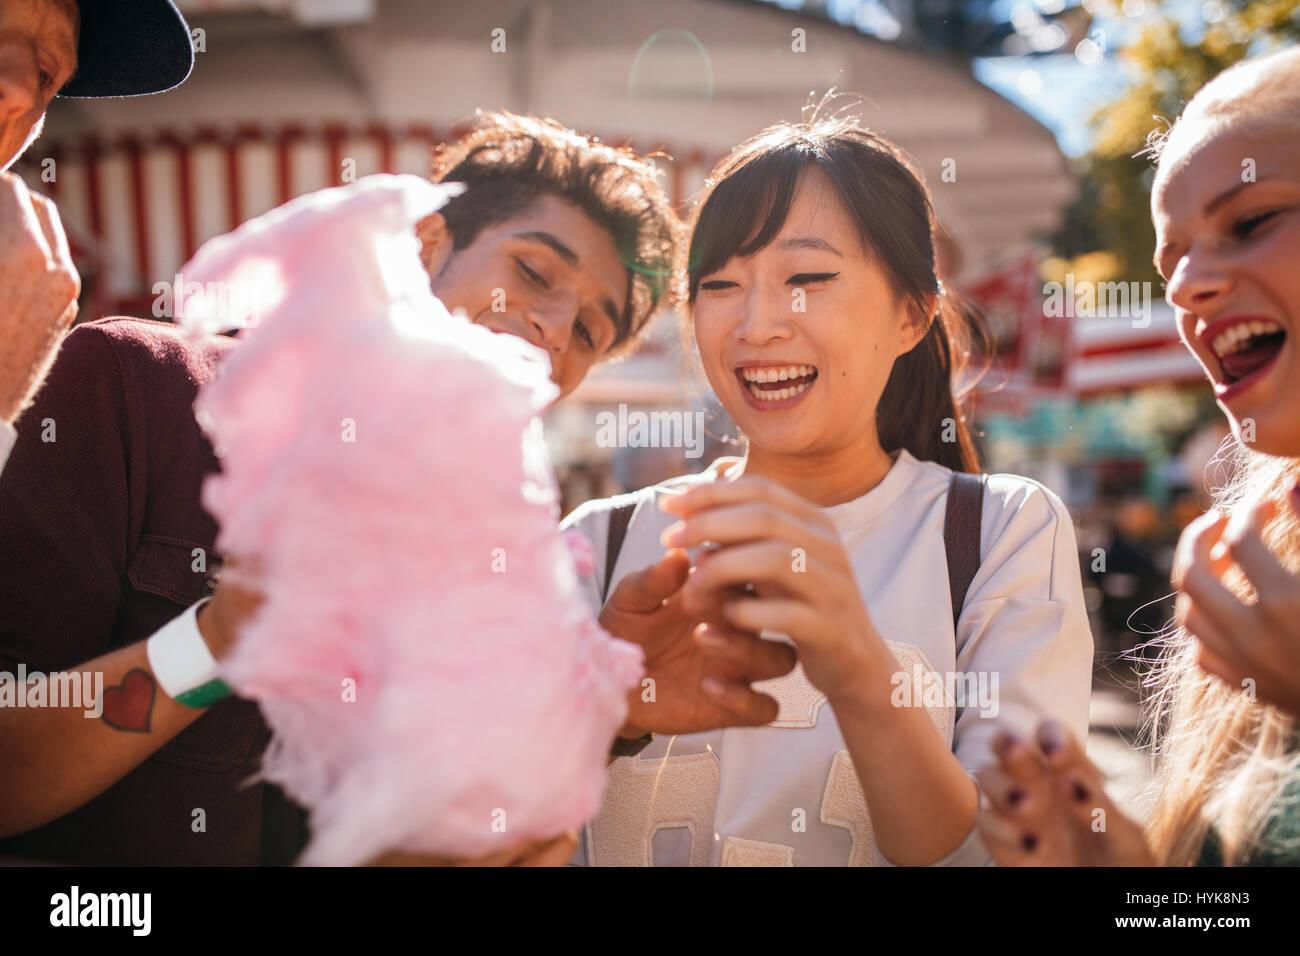 Gruppo di amici di mangiare zucchero filato al parco divertimenti. Sorridente giovani condivisione caramella di Immagini Stock